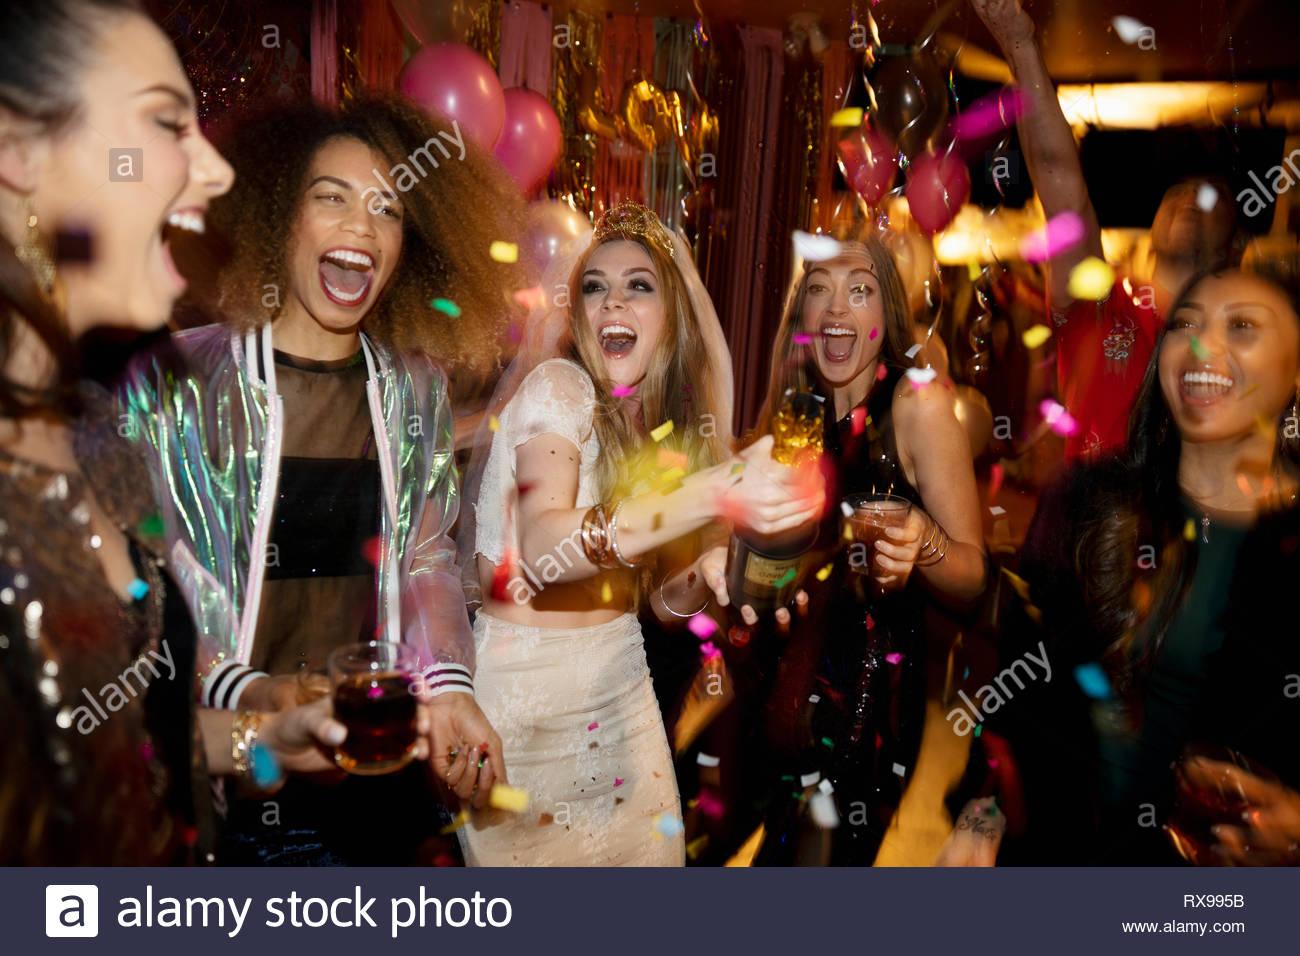 Konfetti über gelacht Bachelorette und Freunde in Nachtclub Stockbild